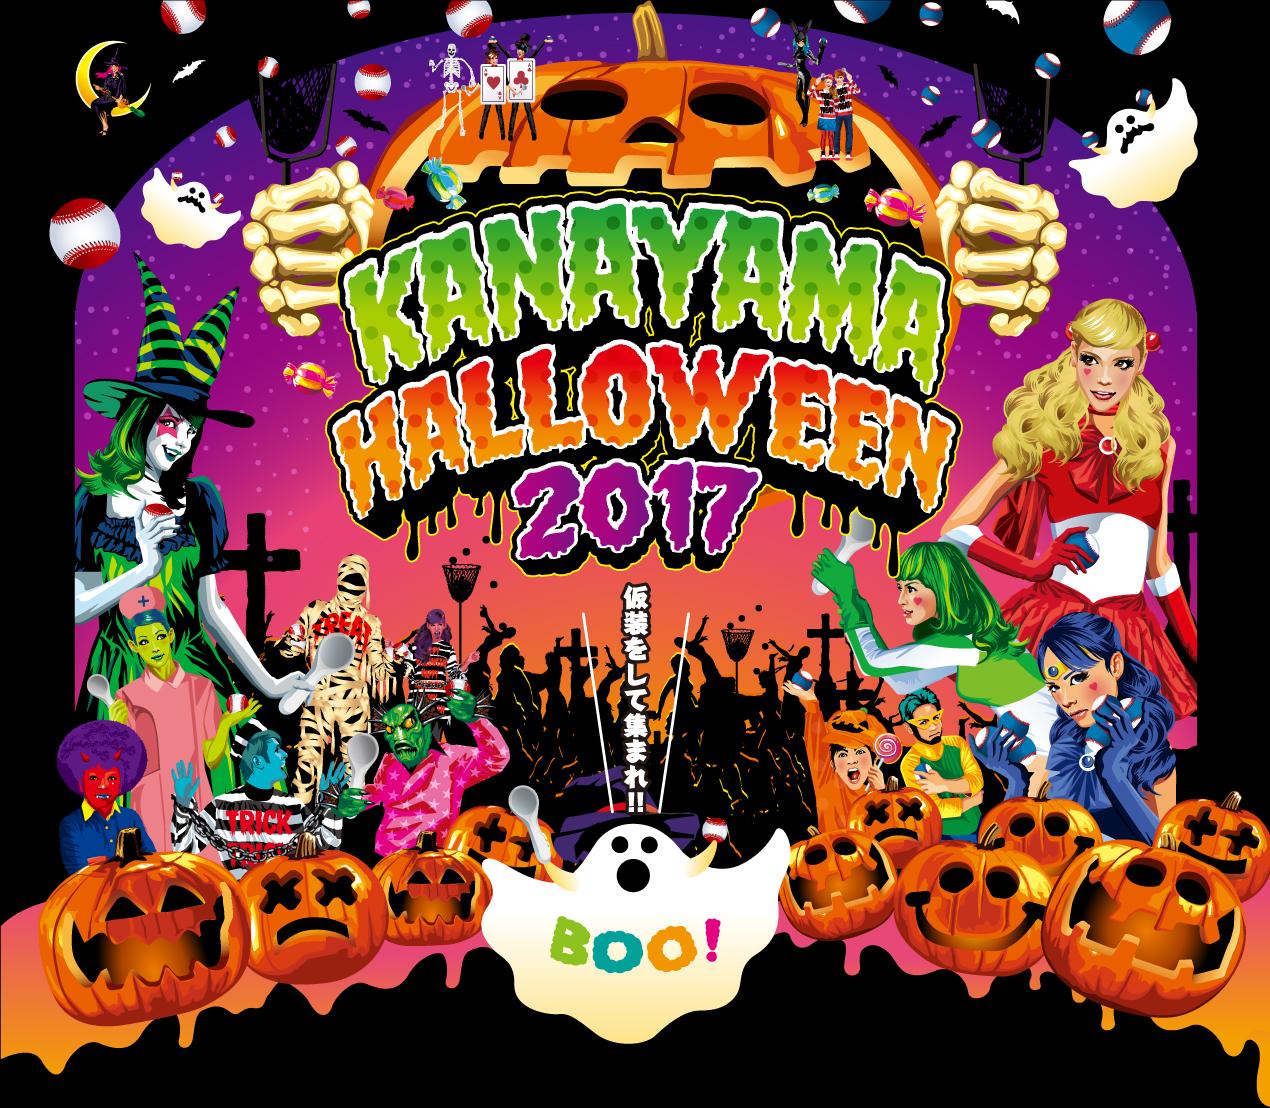 アスナル金山の「KANAYAMA HALLOWEEN 2017」10/28開催 - 8aa5d47735d8f8587f15880bc38f7c17